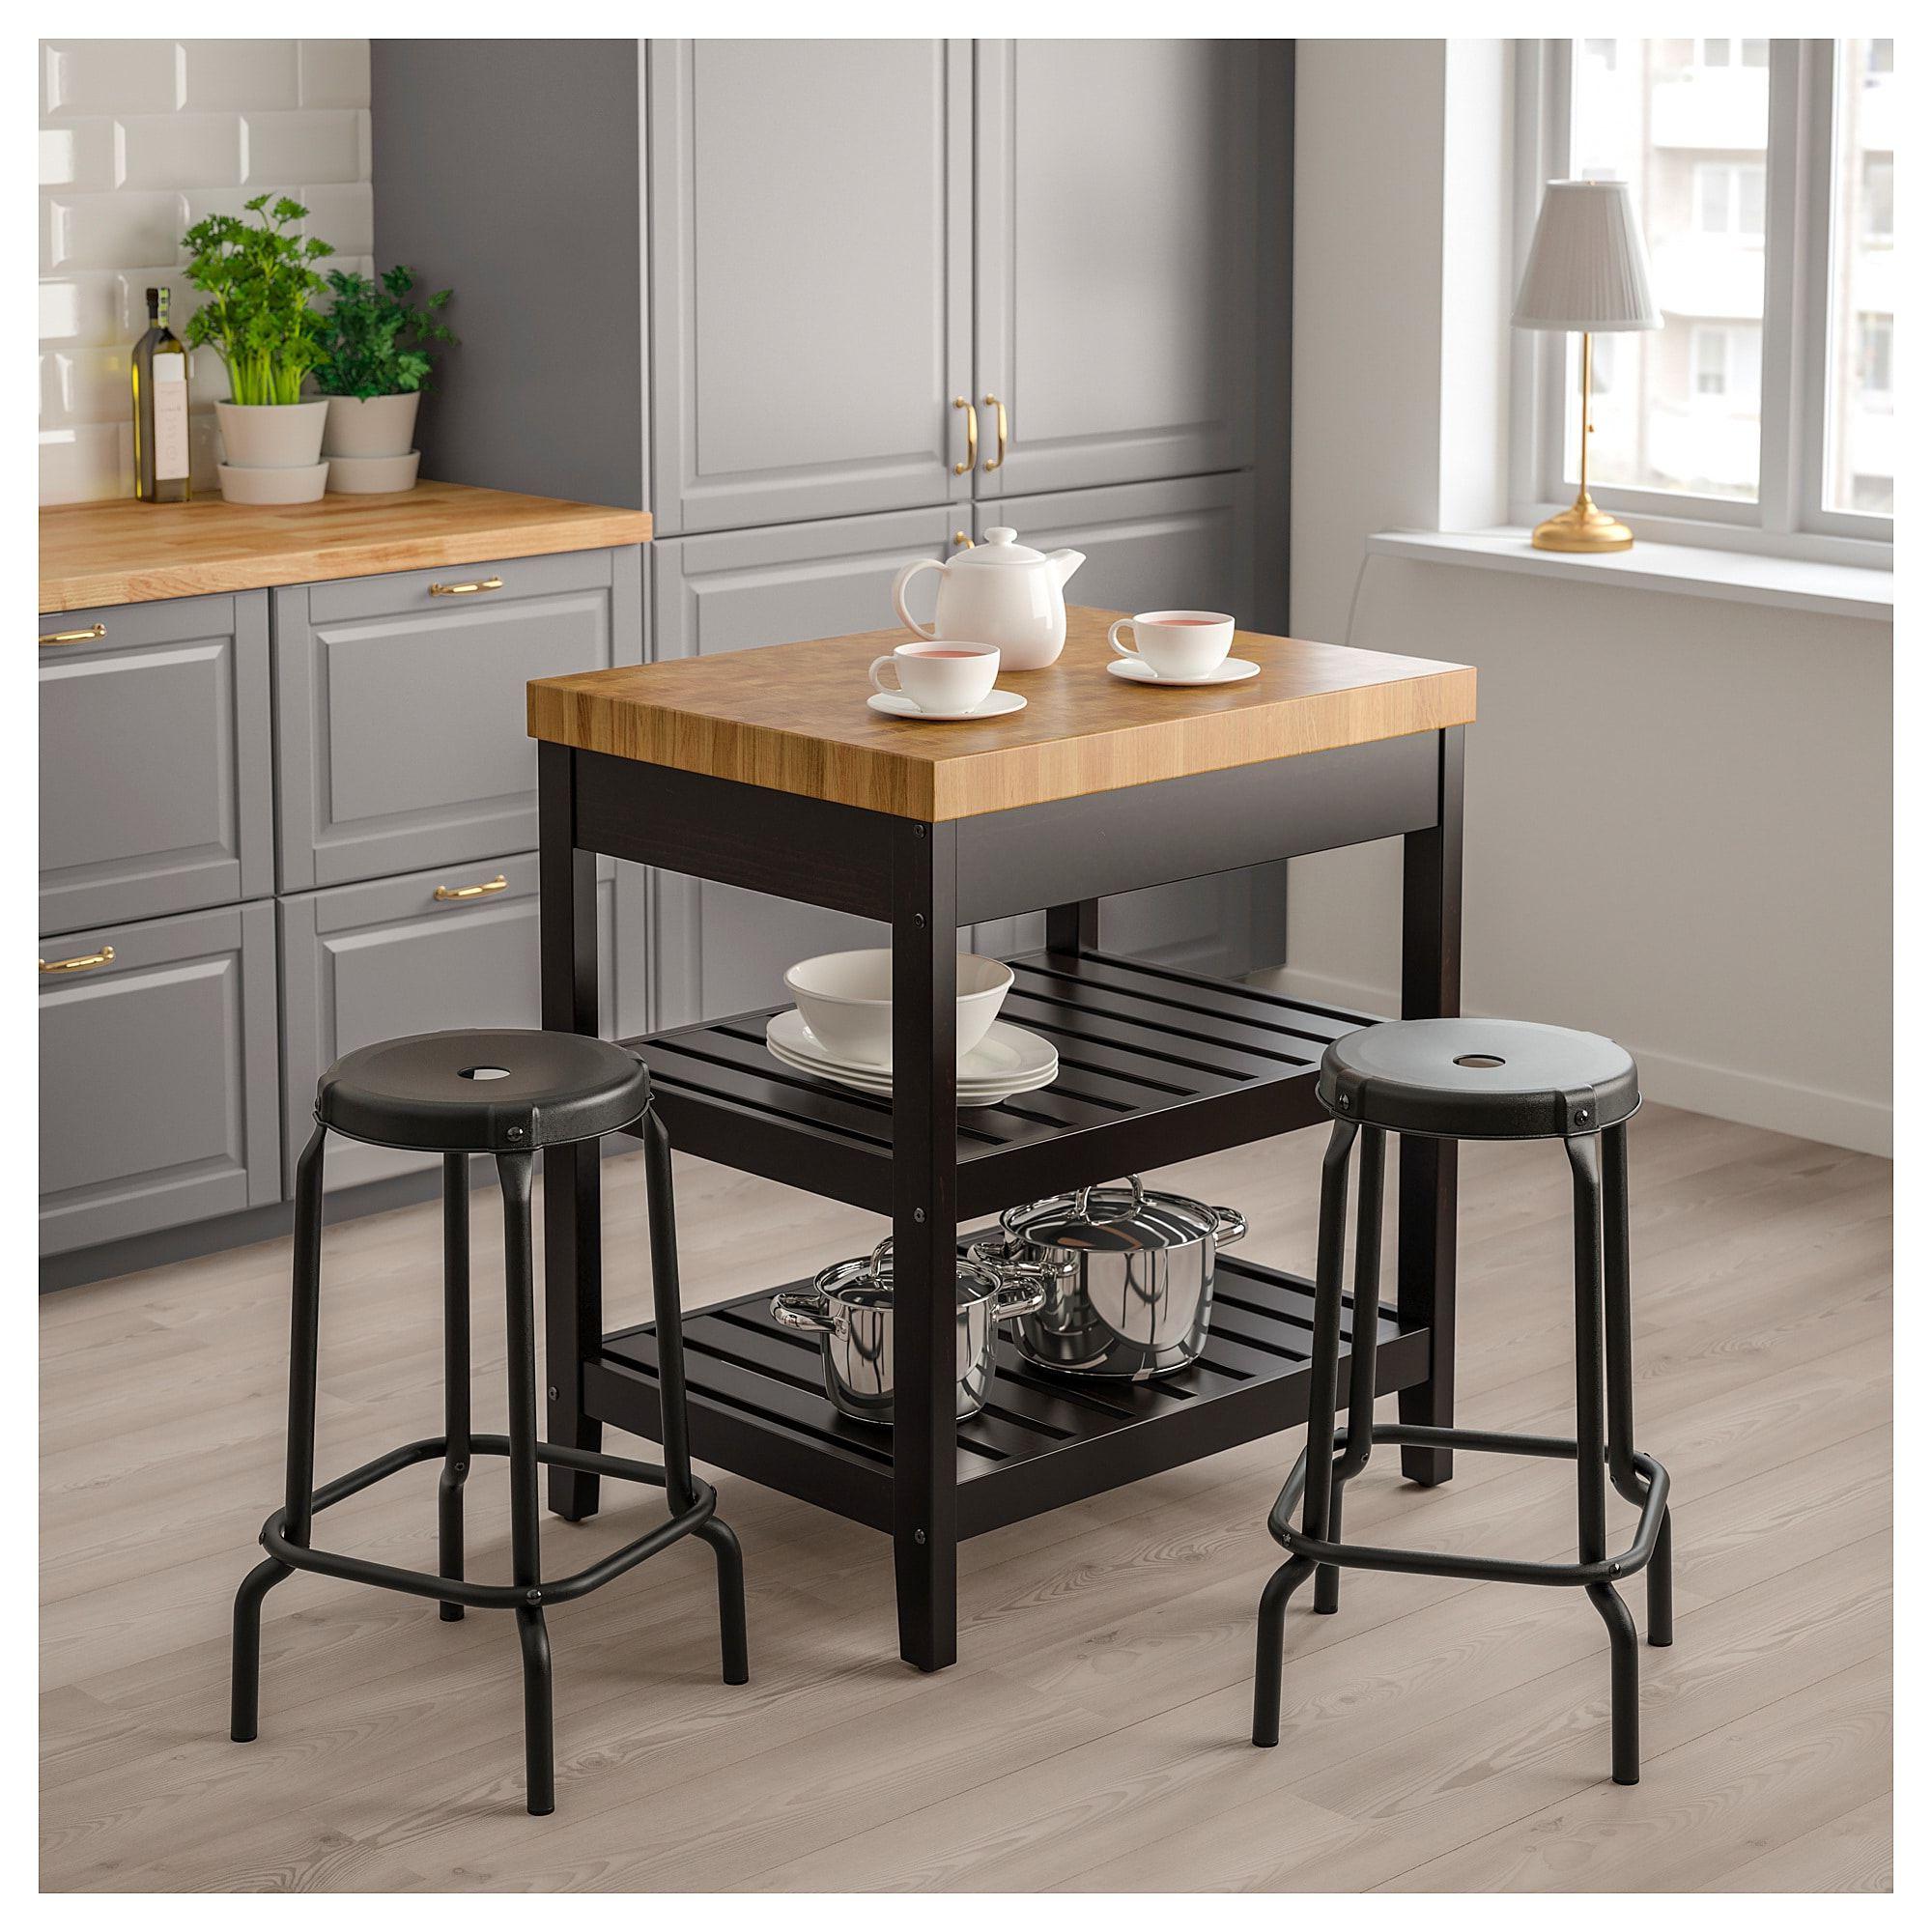 2019 Ikea – Vadholma Kitchen Island Black, Oak In (View 24 of 25)